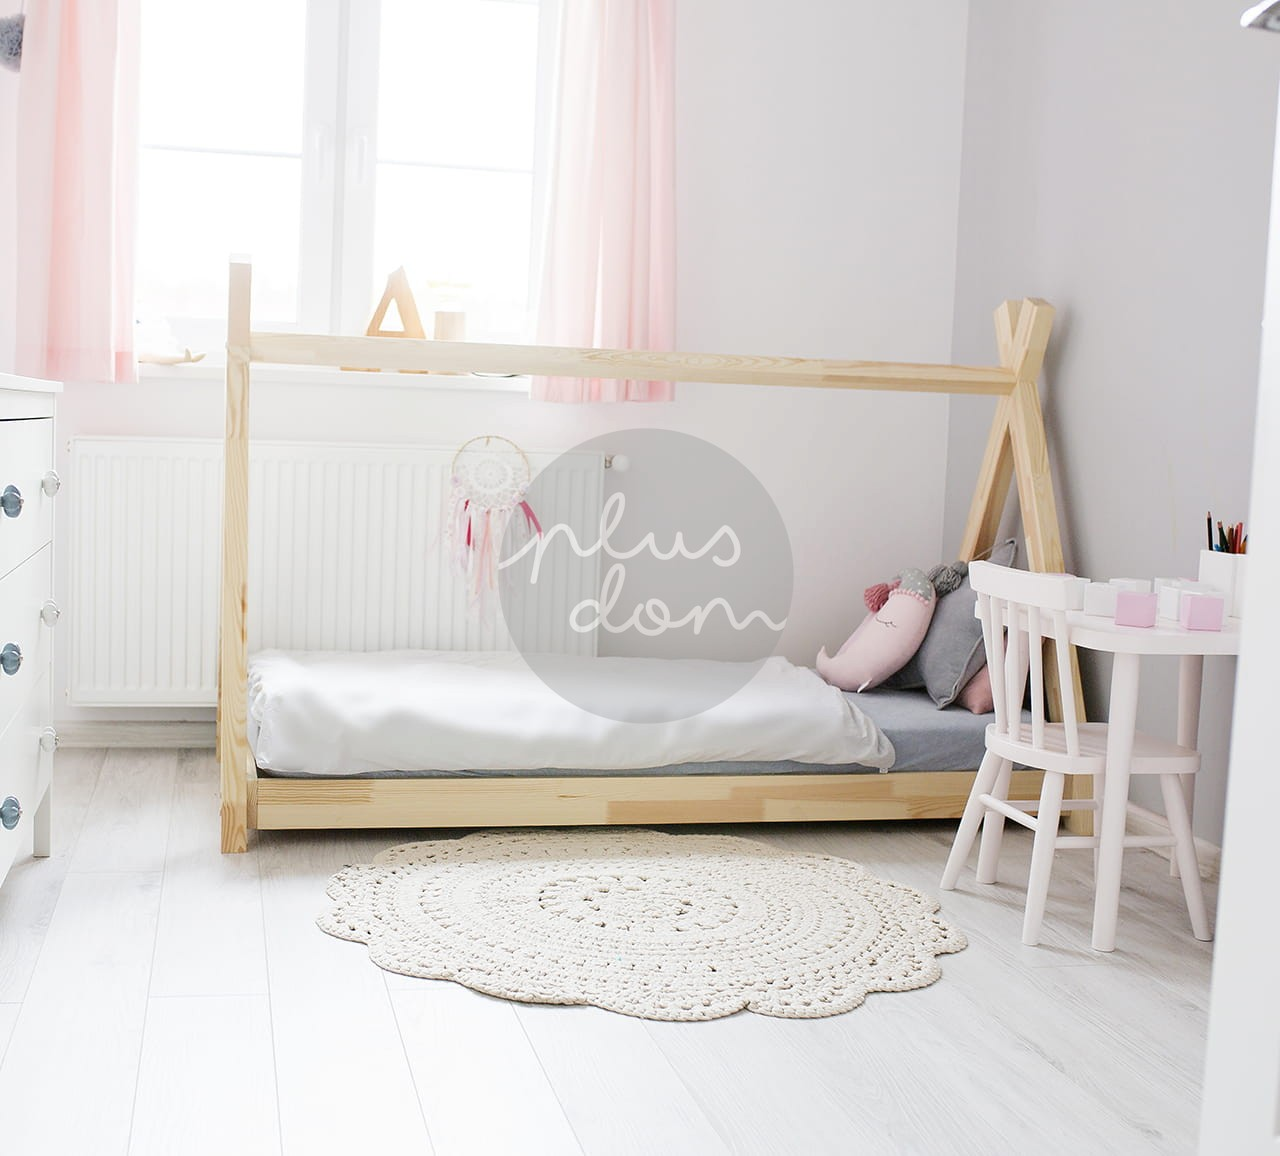 Full Size of Holzbett Fr Talo D11 80x180 Regal Kinderzimmer Weiß Spiegelschränke Fürs Bad Betten Für übergewichtige Stuhl Schlafzimmer Gardinen Küche Regale Wohnzimmer Holzbett Für Kinder